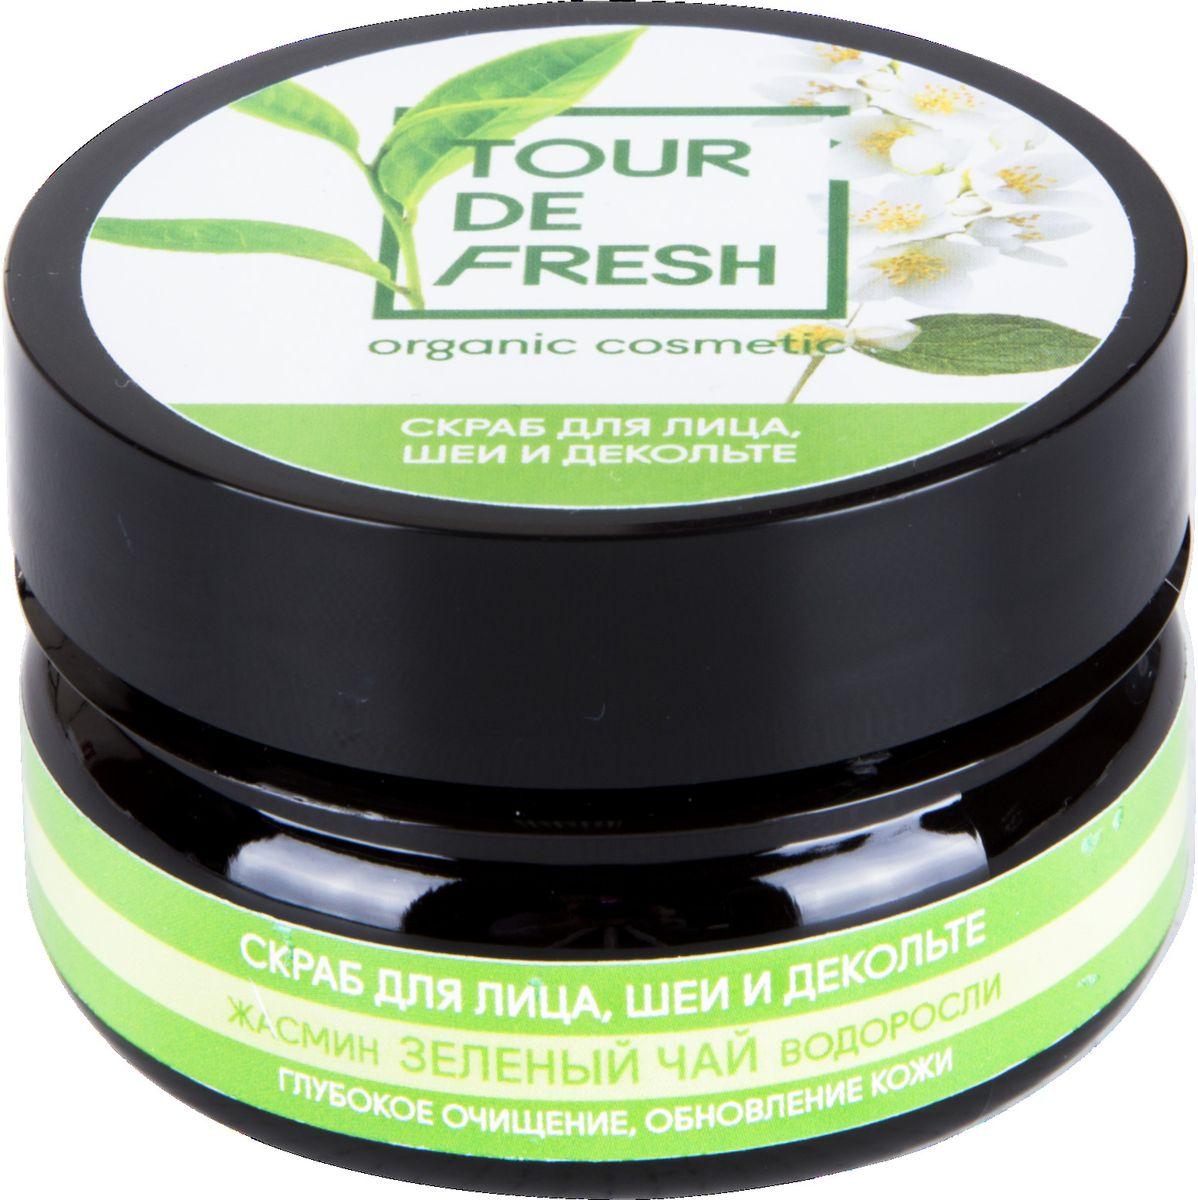 Tour De Fresh Скраб для лица, шеи и декольте Зеленый чай, жасмин и водоросли, 60 мл shunga organica 250 мл массажное масло зеленый чай